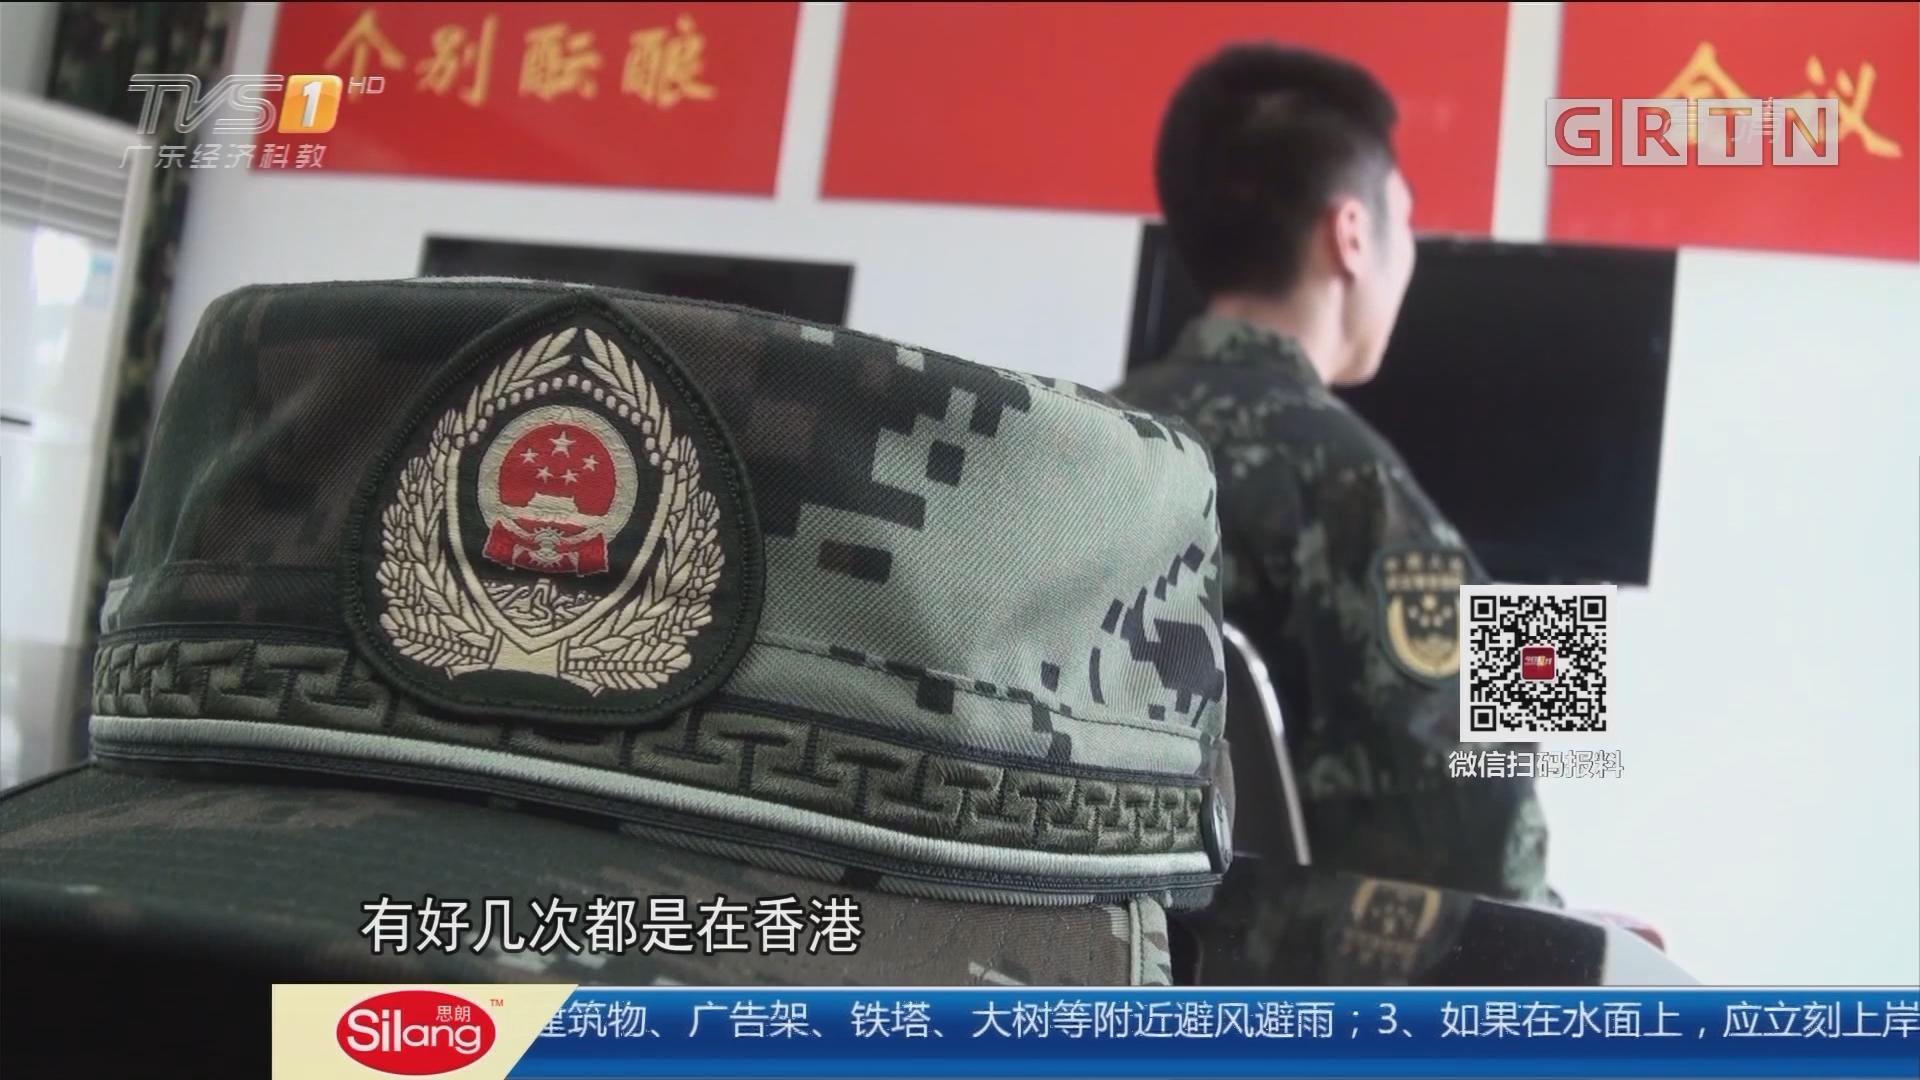 珠江口海域:海警截获357吨走私冻品 案值1600万元